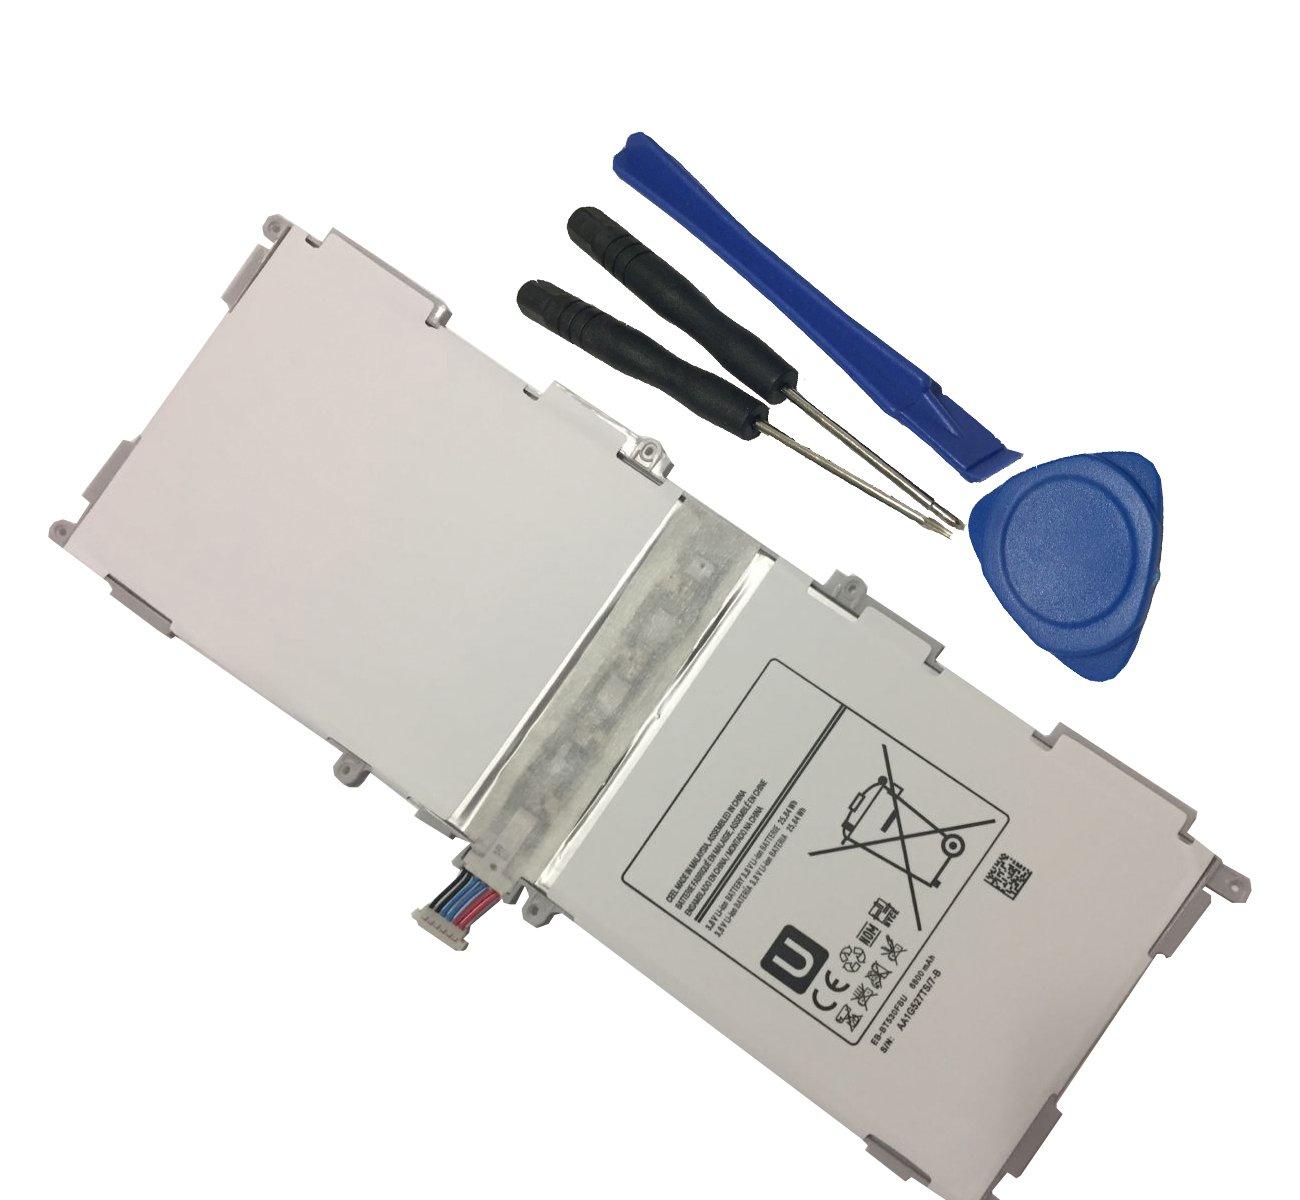 Bateria para Samsung Galaxy Tab 4 10.1 SM-T530 SM-T530NU